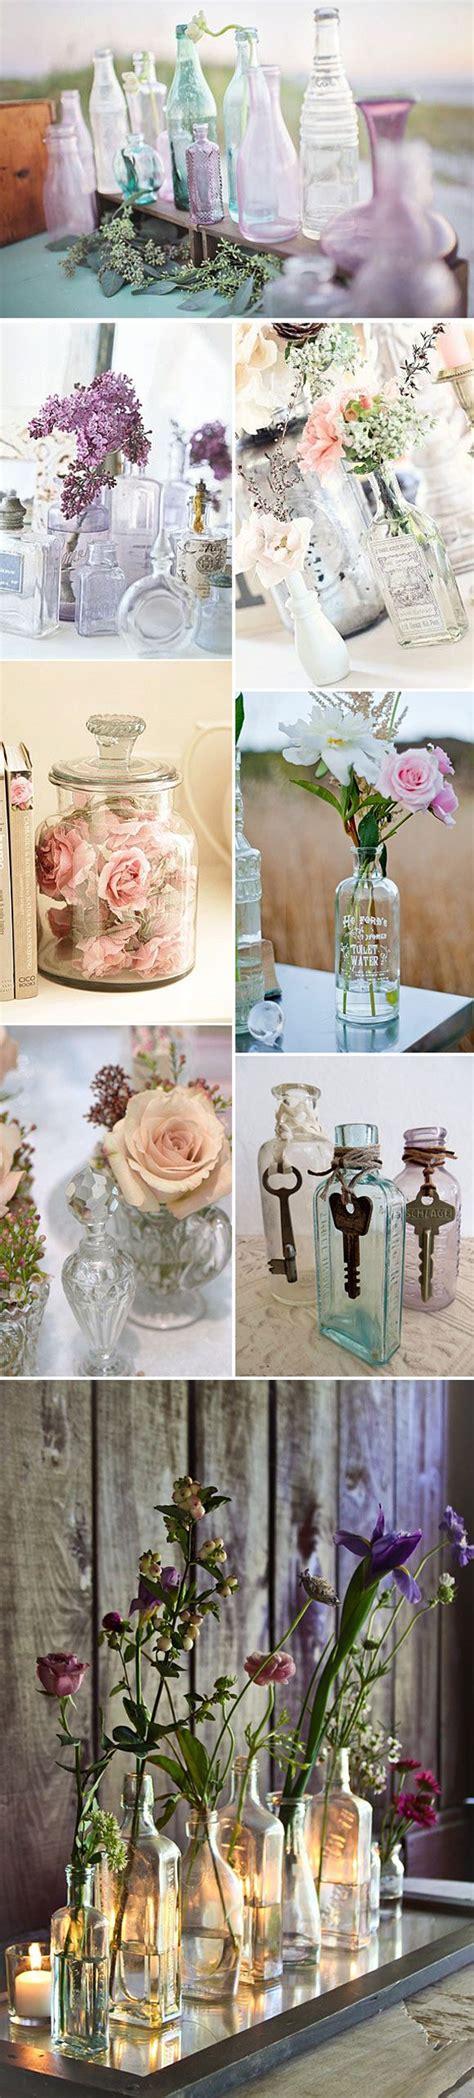 decorar botellas de vidrio vintage ideas para decorar con botellas de cristal estilo vintage